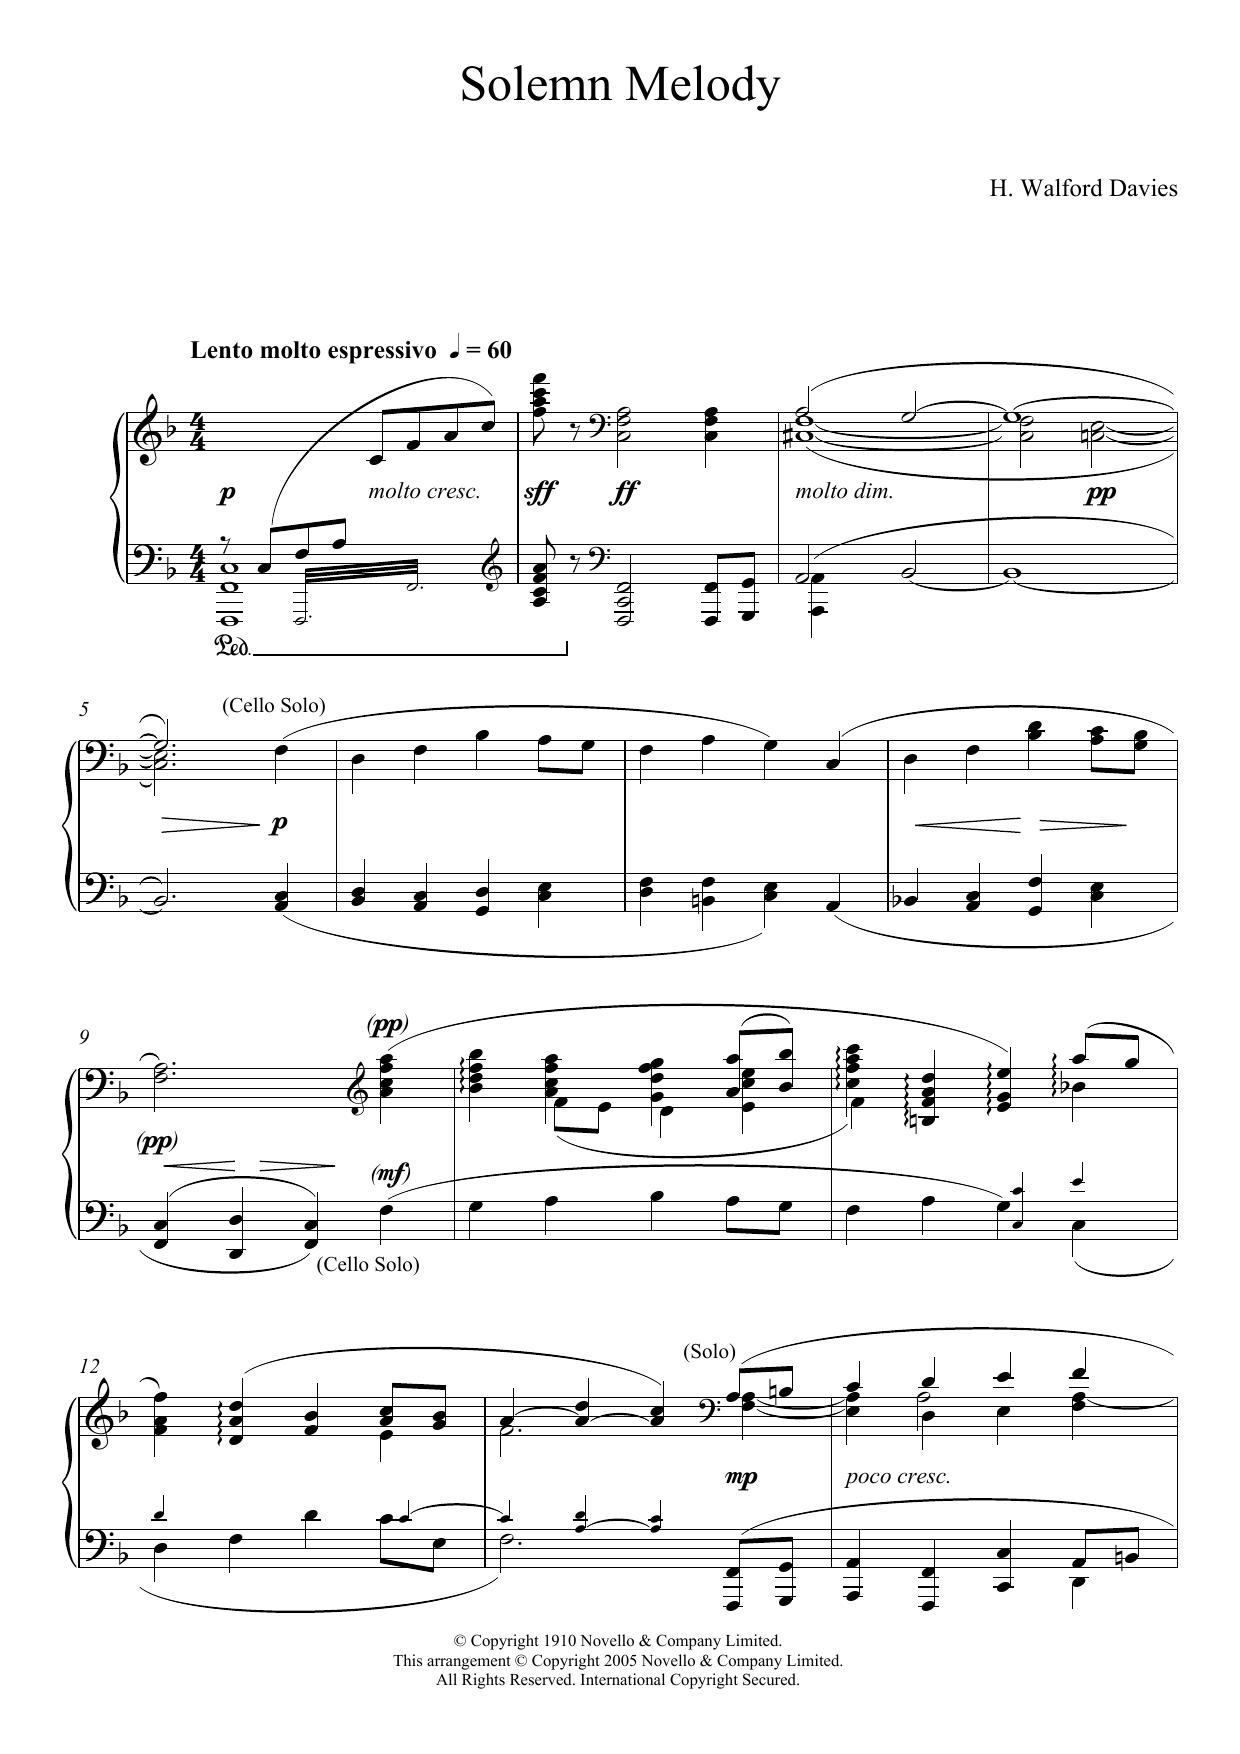 Solemn Melody Sheet Music